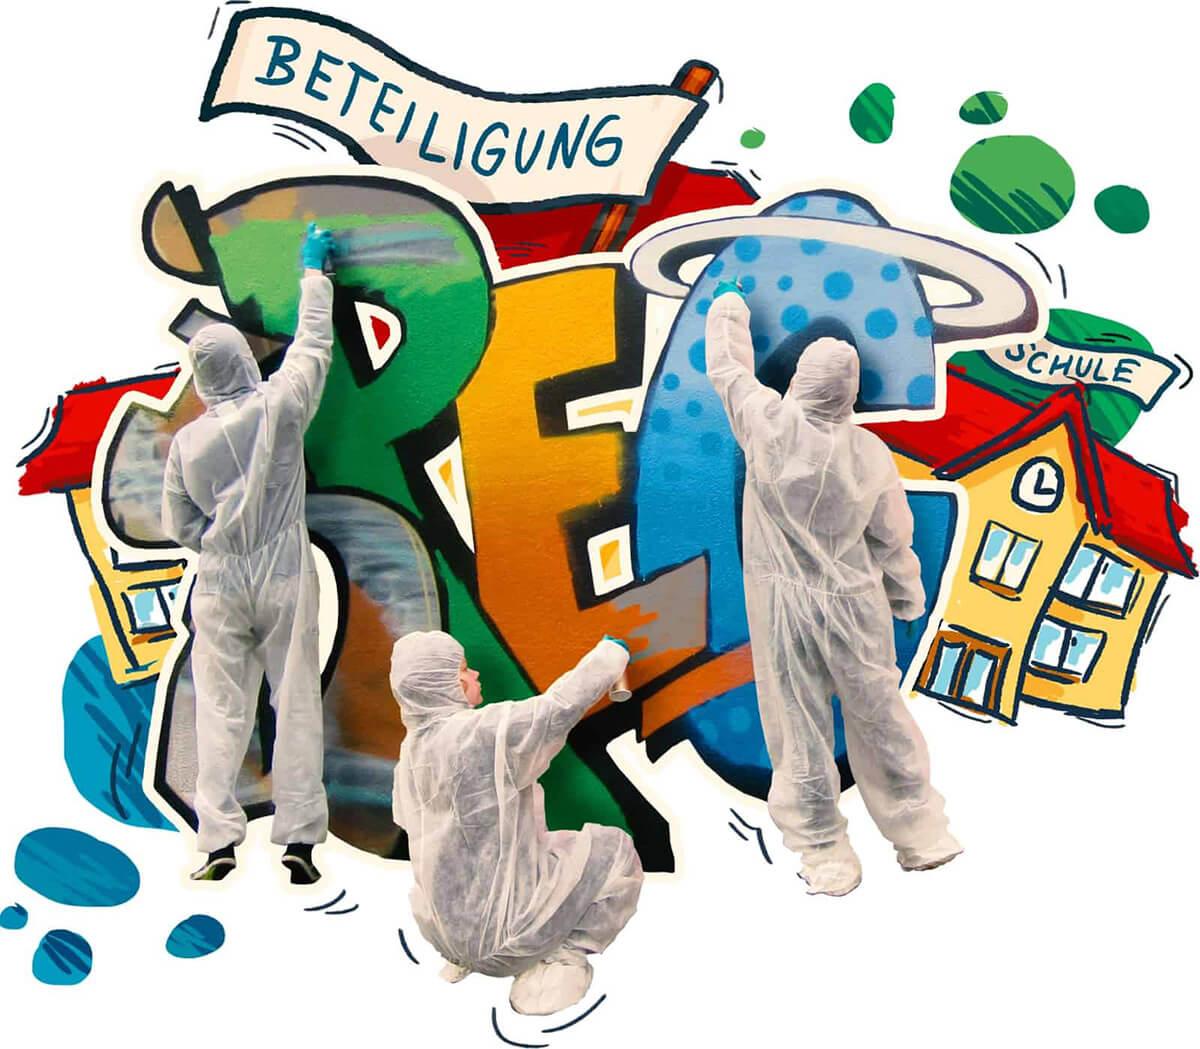 """drei Kindern sprühen Graffiti, Wörter """"Beteiligung"""" und """"Schule"""" sind zu sehen"""